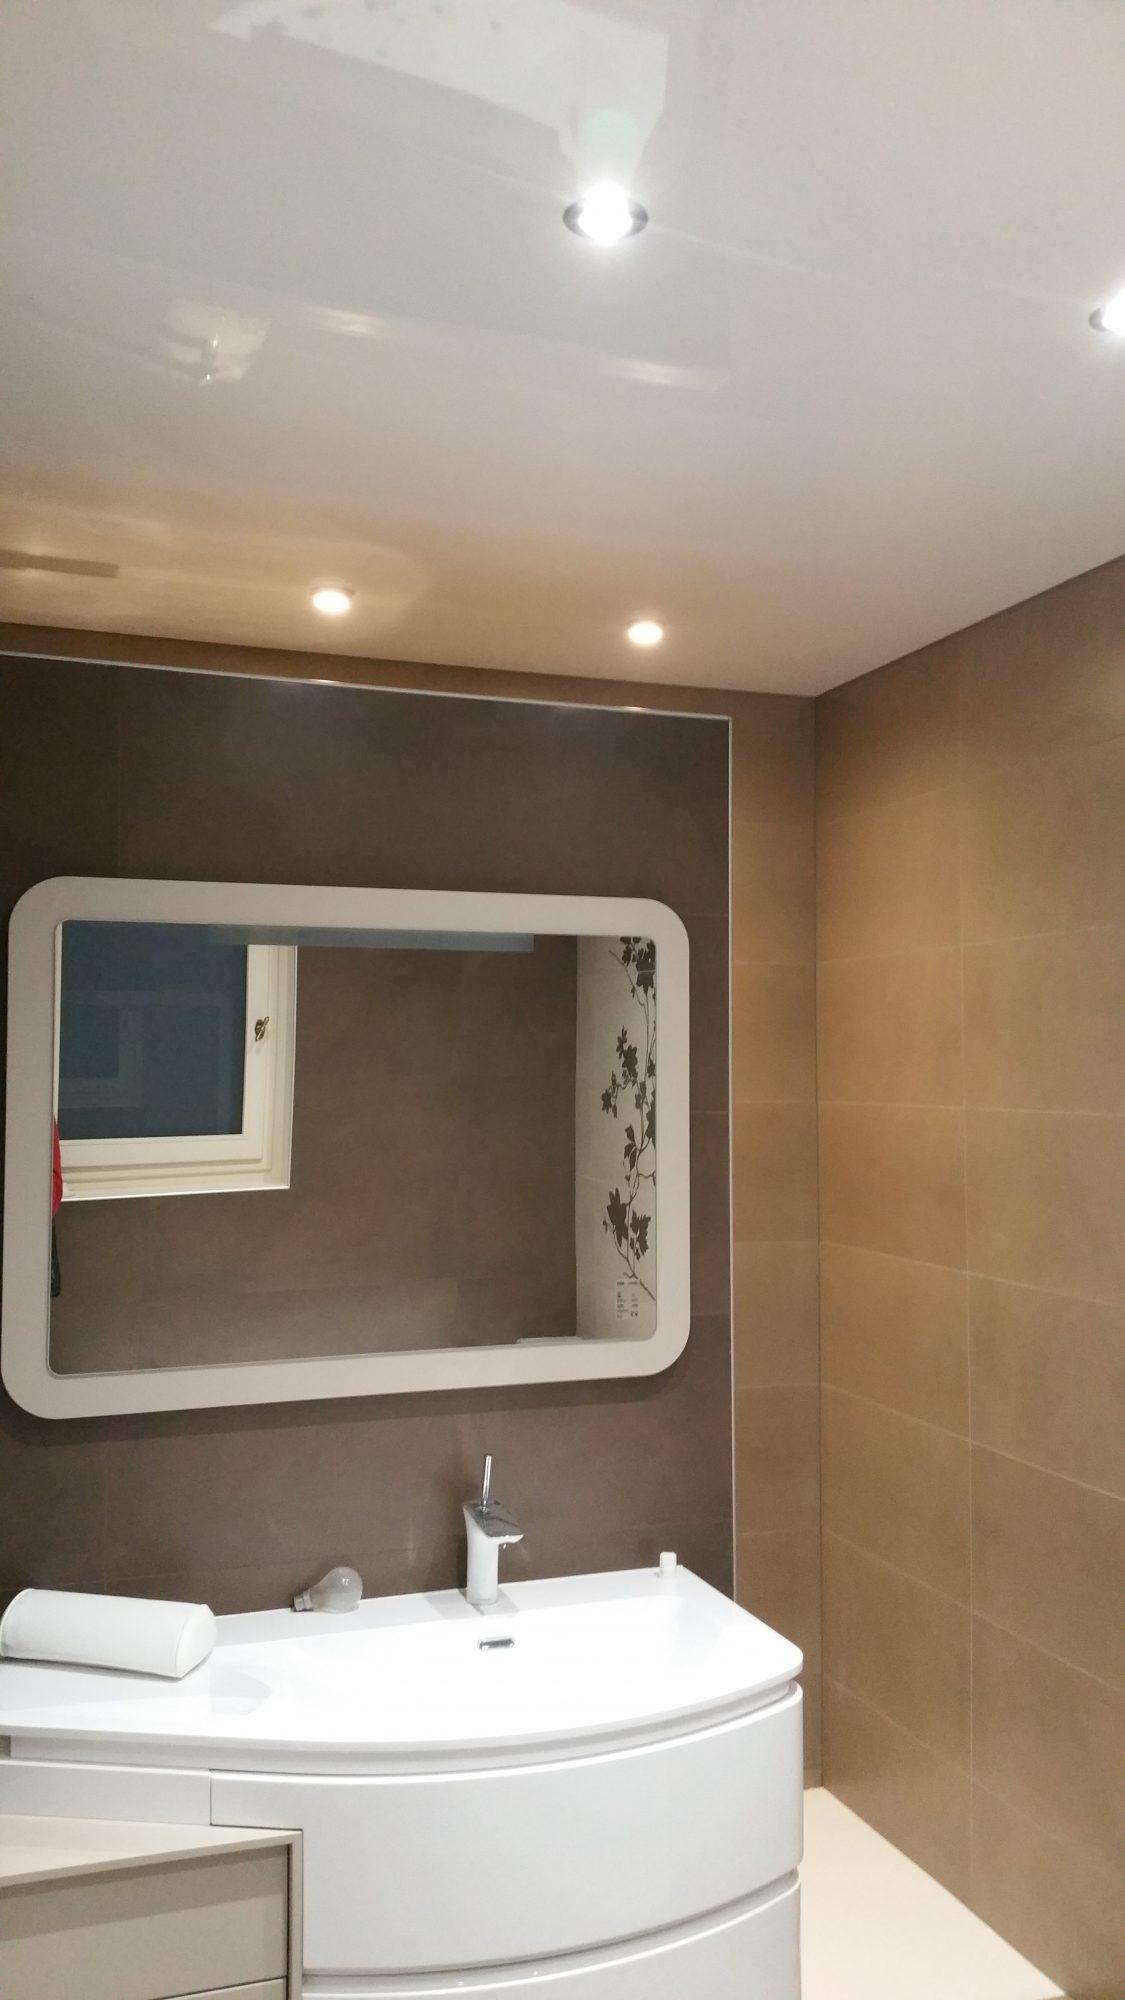 Nettoyer Vitre Salle De Bain Calcaire quel produit pour nettoyer un plafond tendu ? - atmosphère